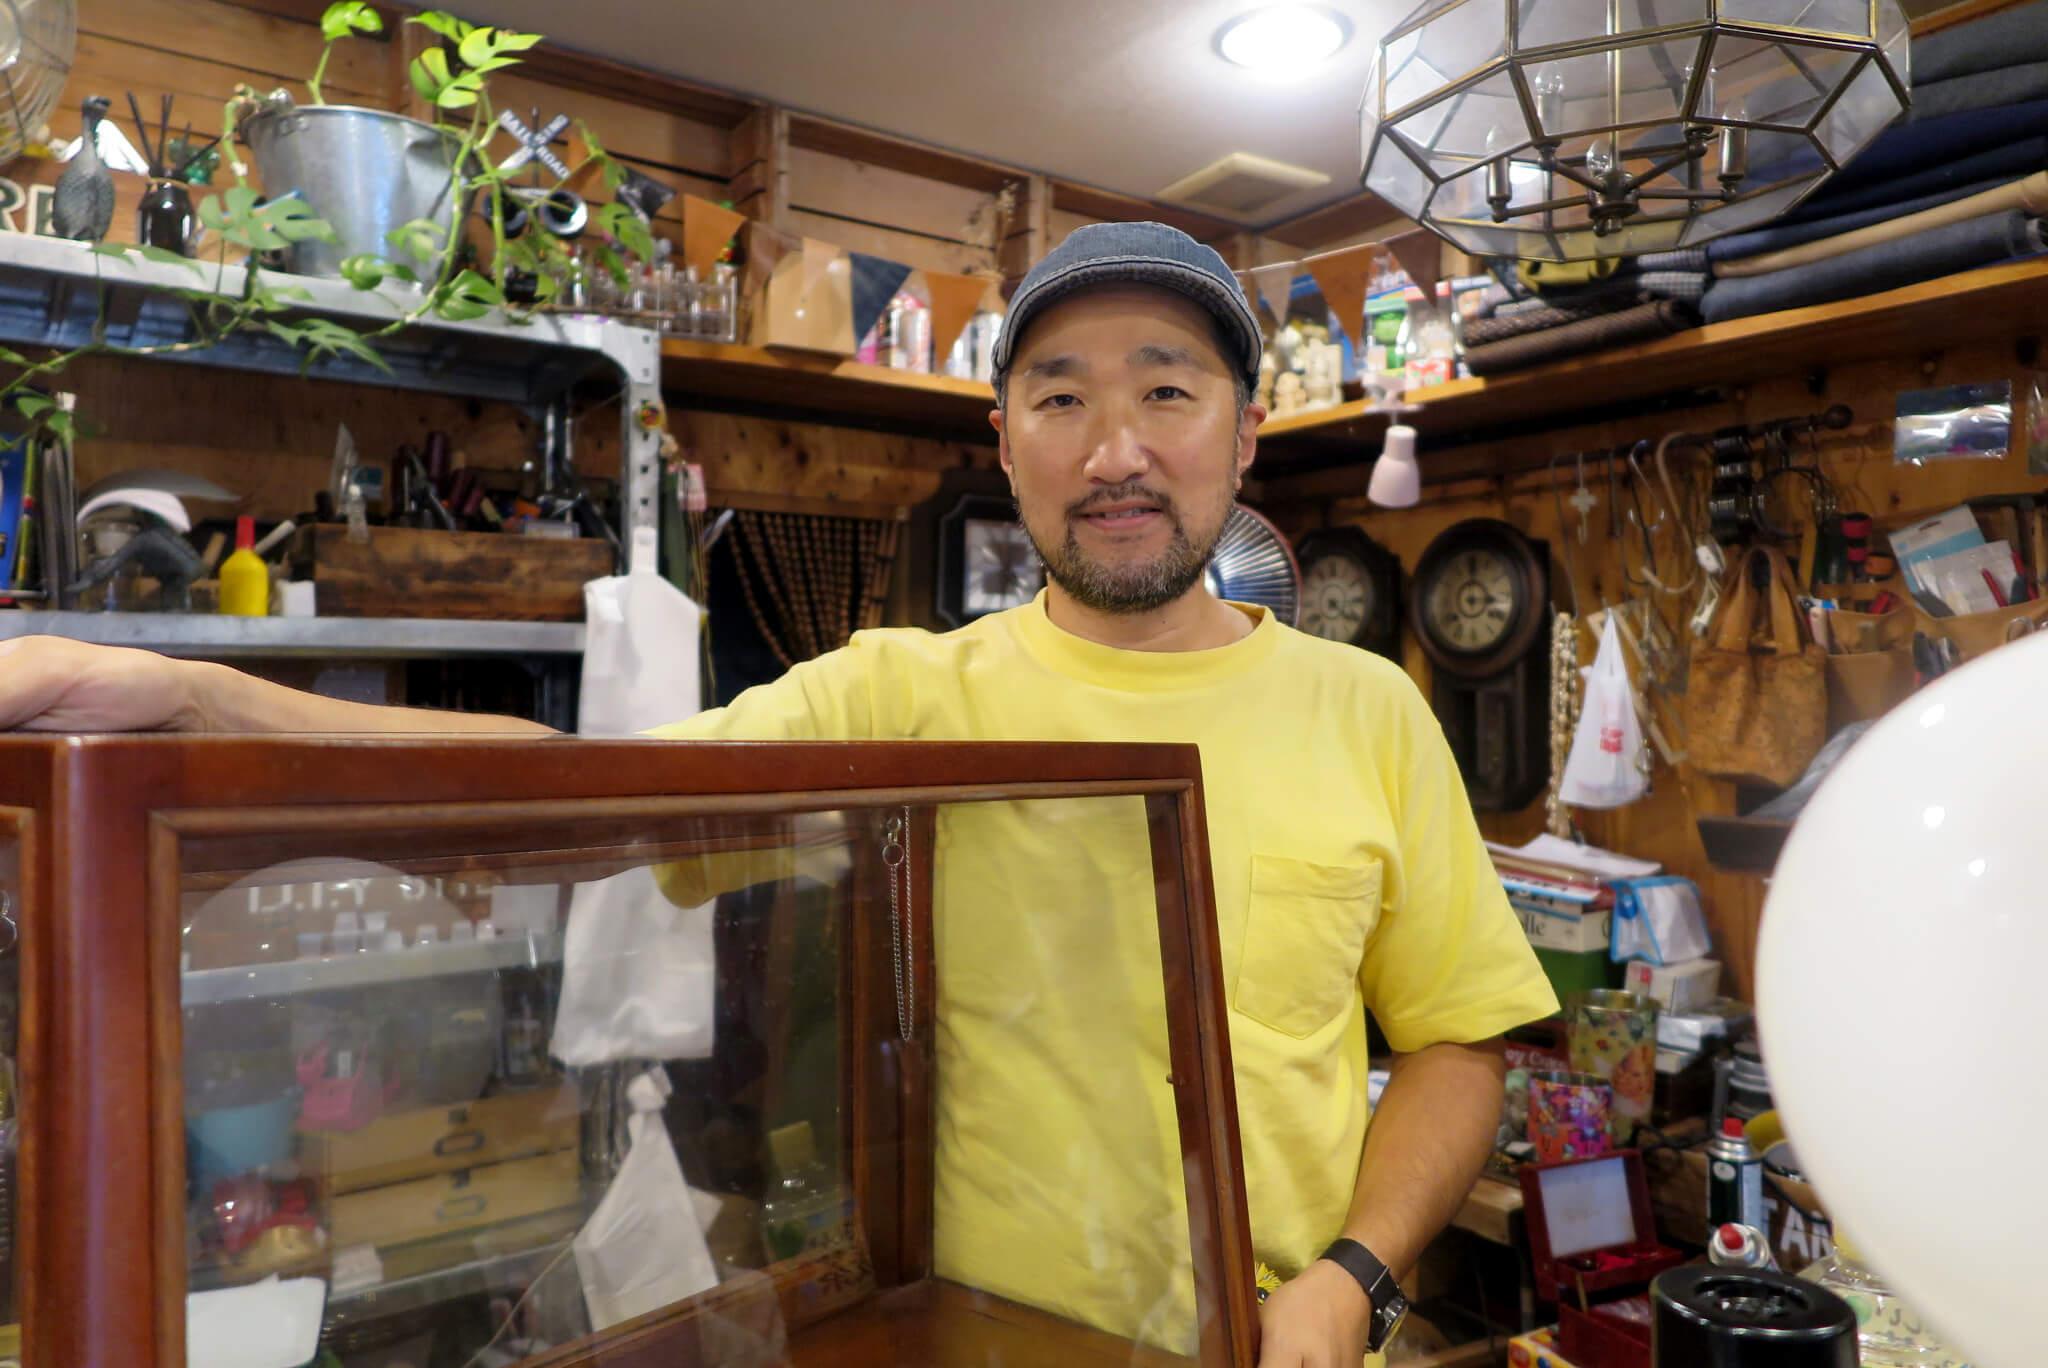 ローカルWEBメディア・地域サイト 草加ローカルストーリー 石田 尚久さん outlet CHEERS